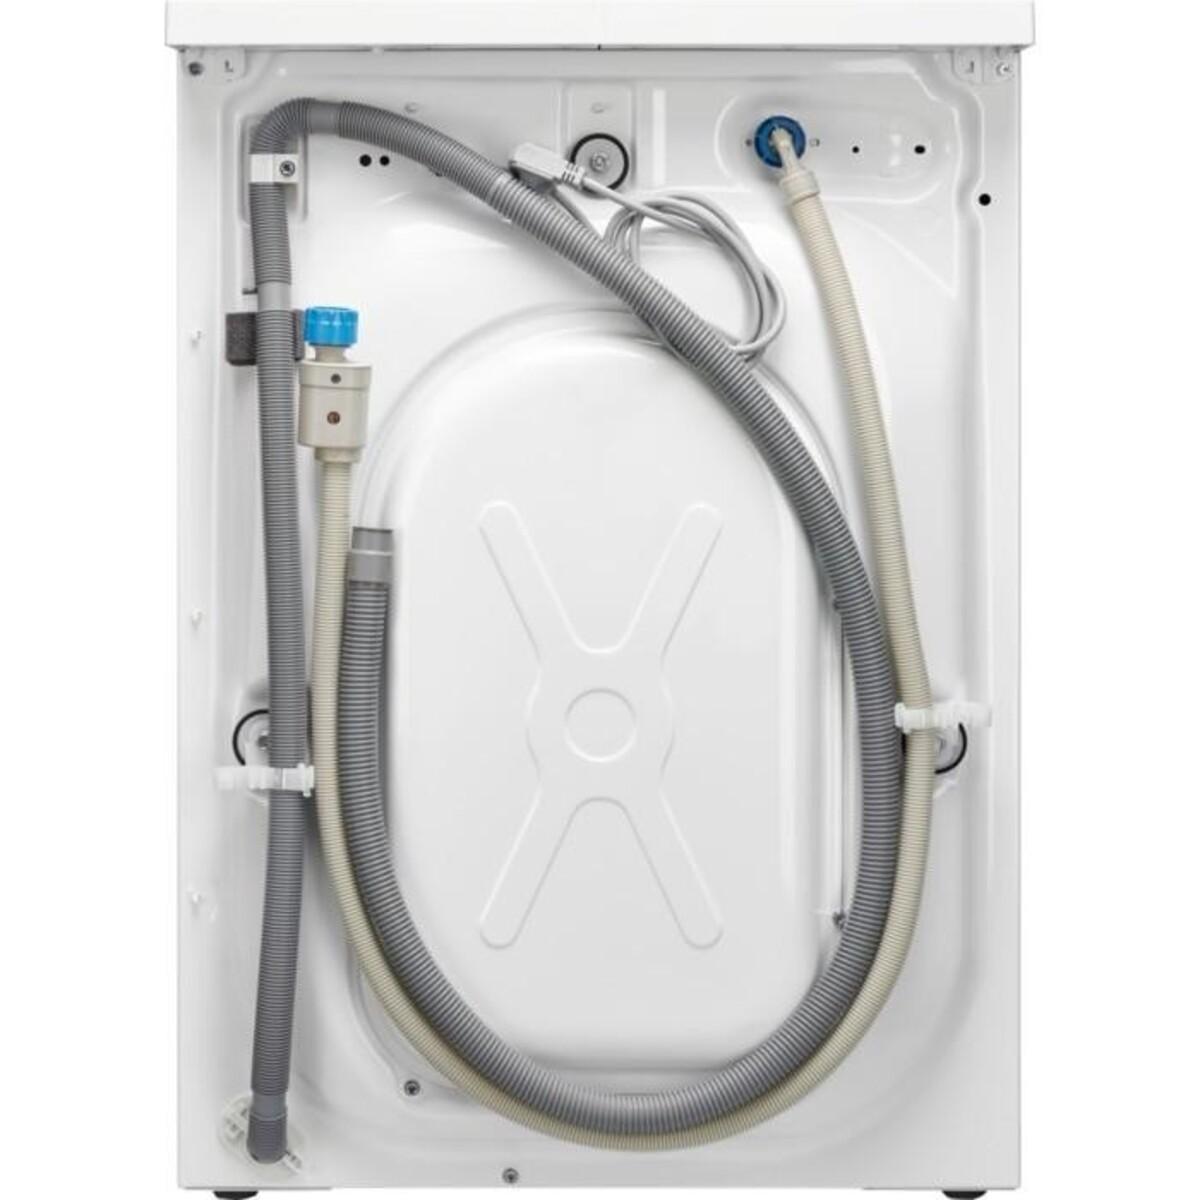 Bild 5 von AEG Waschmaschine L6FB647FH (A+++, 7 kg Fasungsvermögen, 1400 U/min, Schontrommel, Aquastop, Display, Inverter)